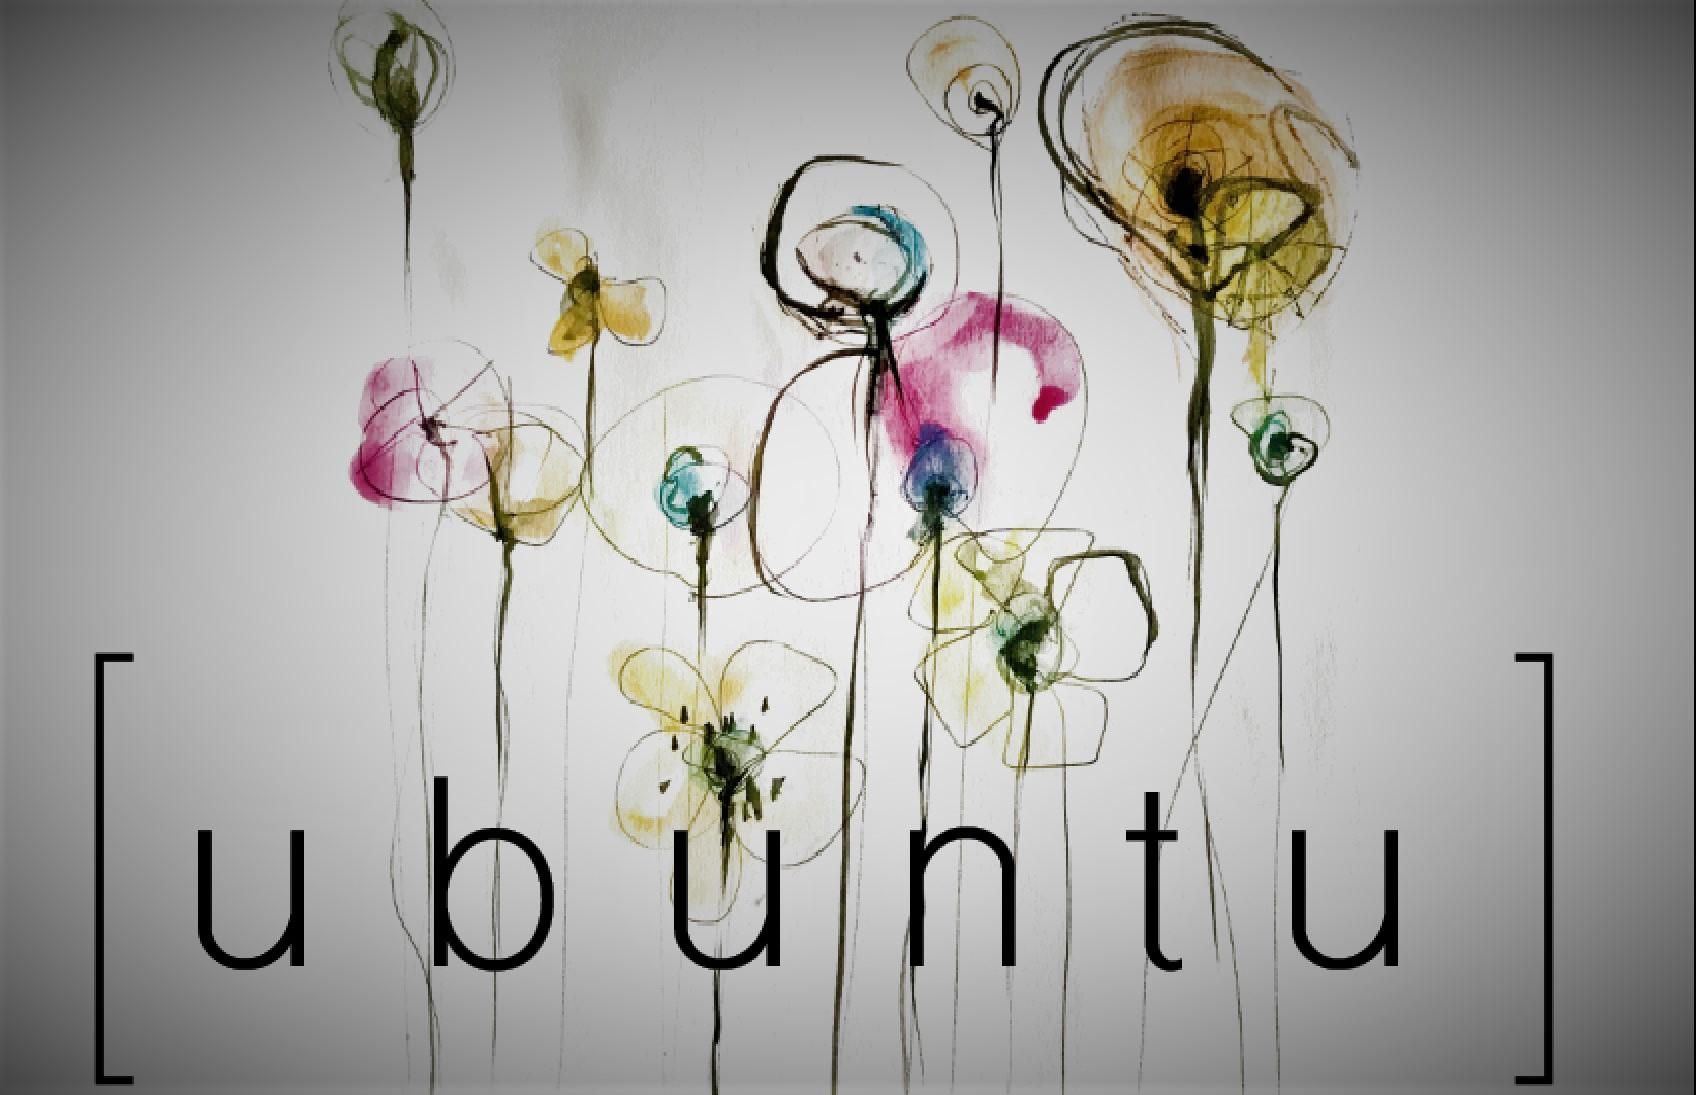 Ubuntu_etid